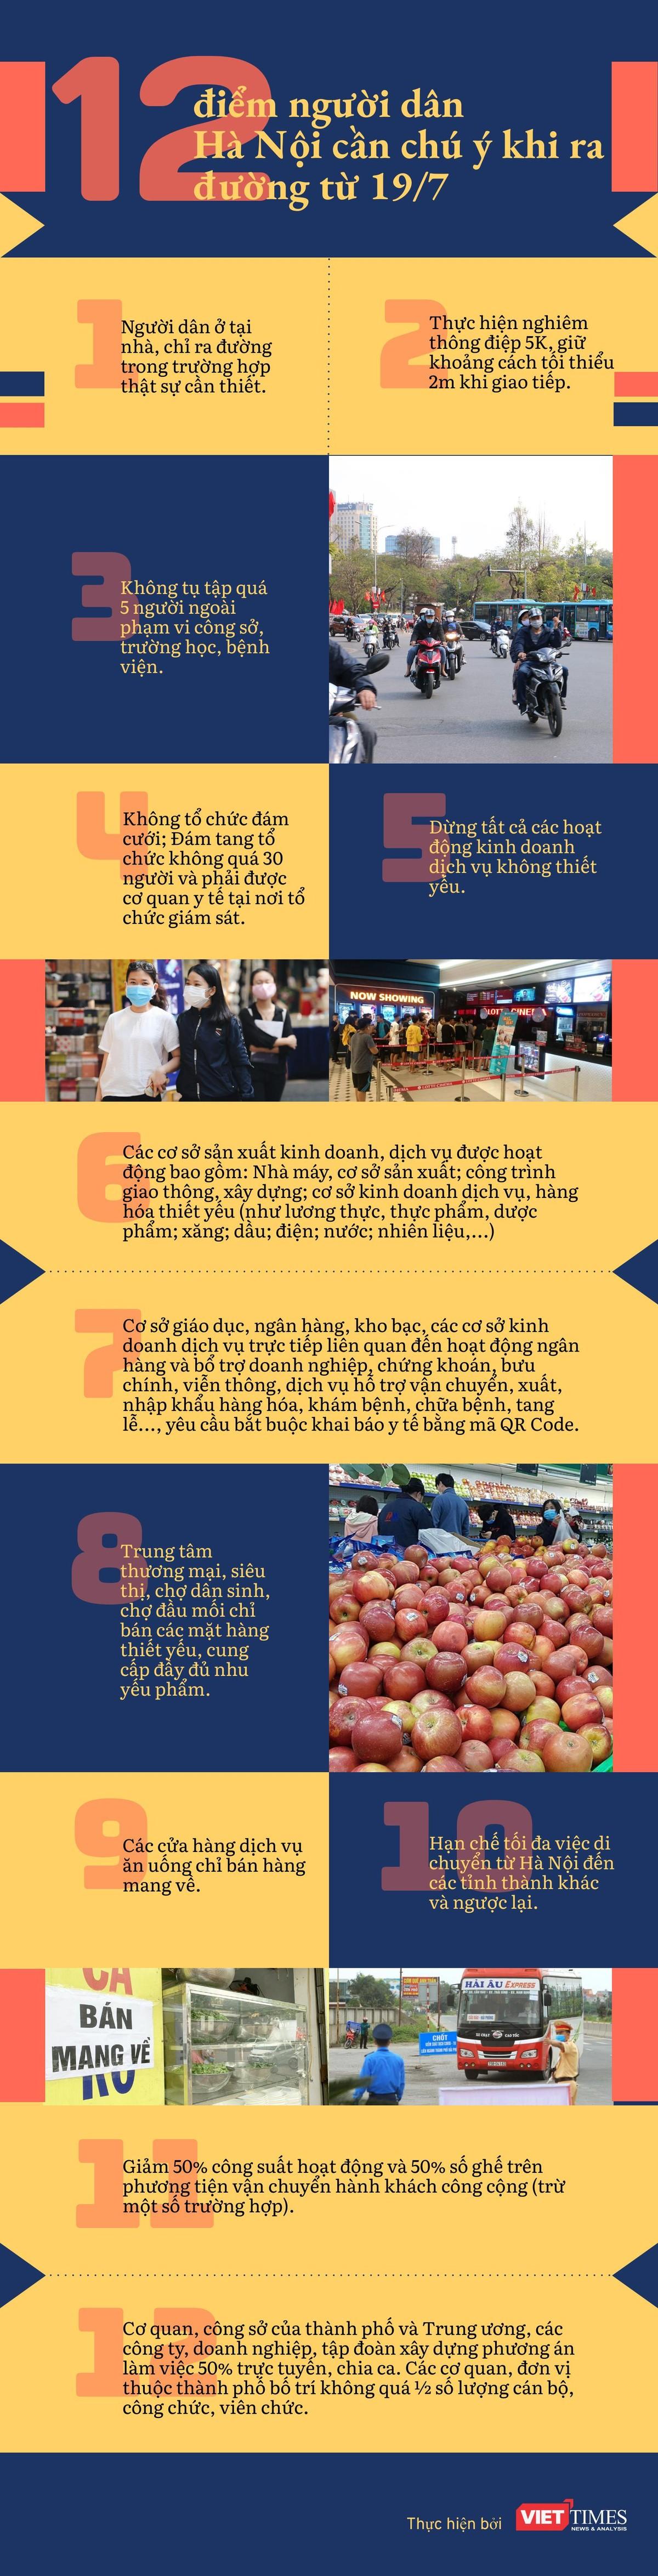 12 điểm người dân Hà Nội cần lưu ý khi ra đường từ 19/7 (Infographic) ảnh 1